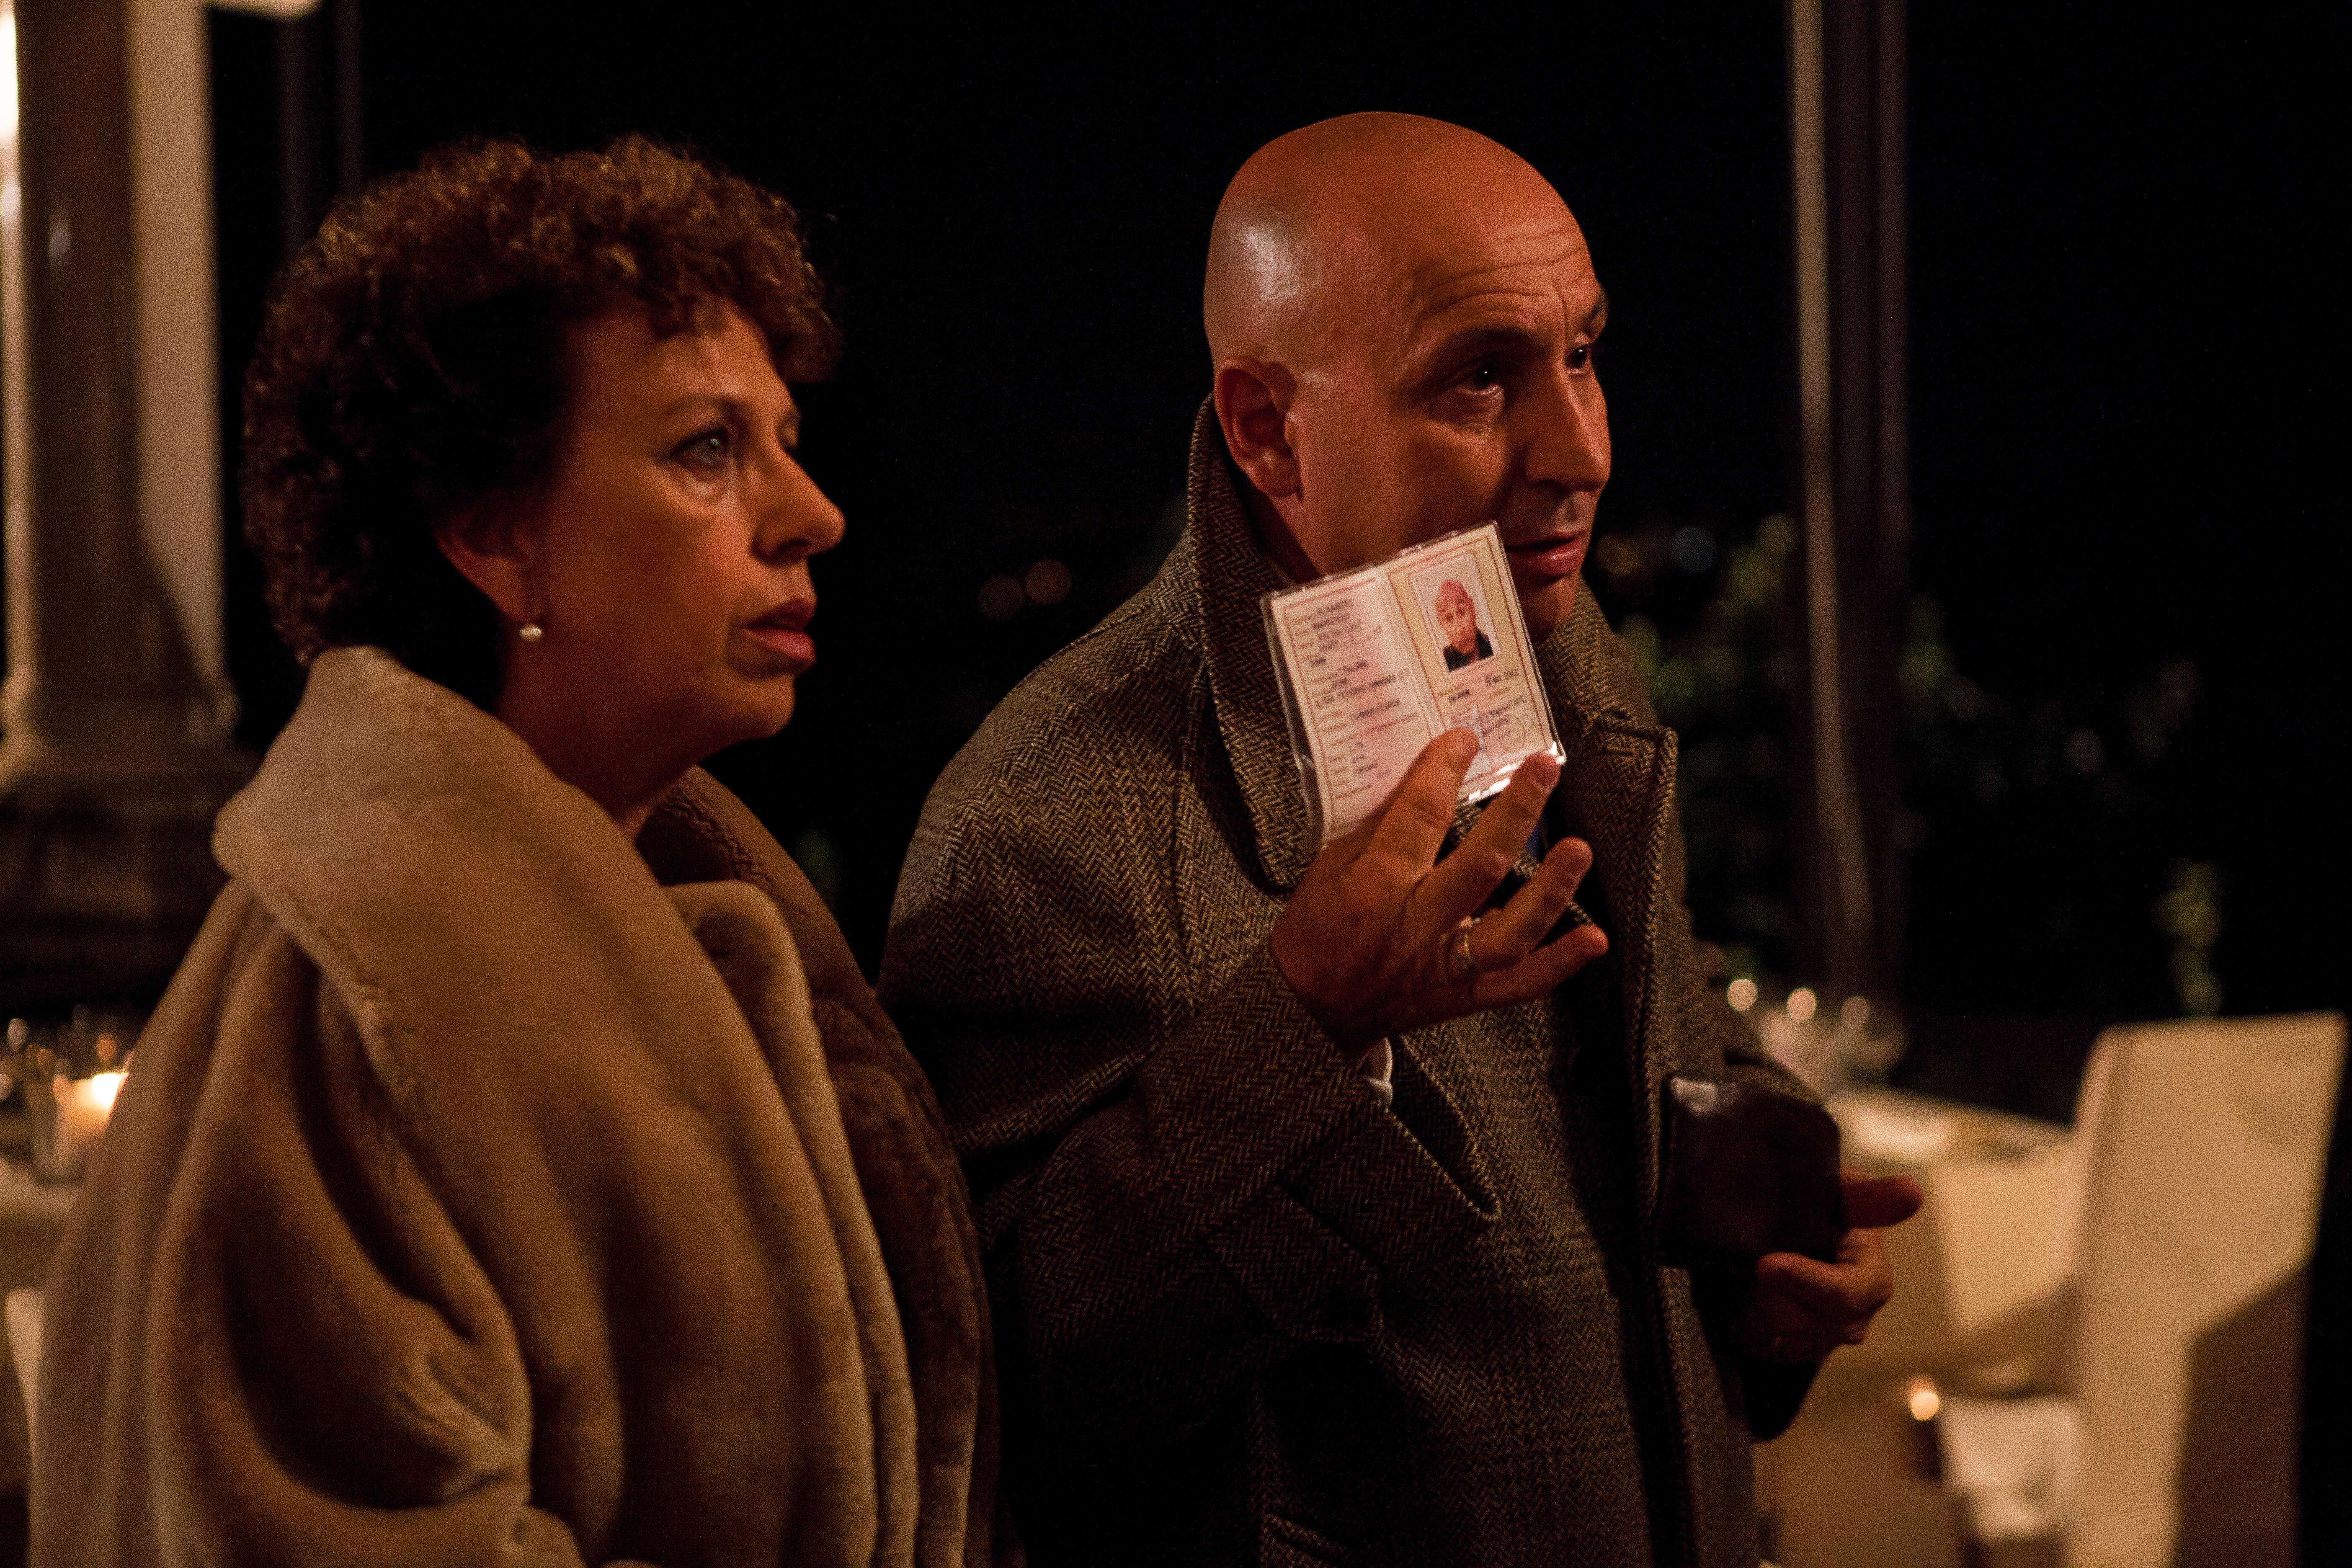 Uno, anzi due - Paola Cruciani con Maurizio Battista in una scena